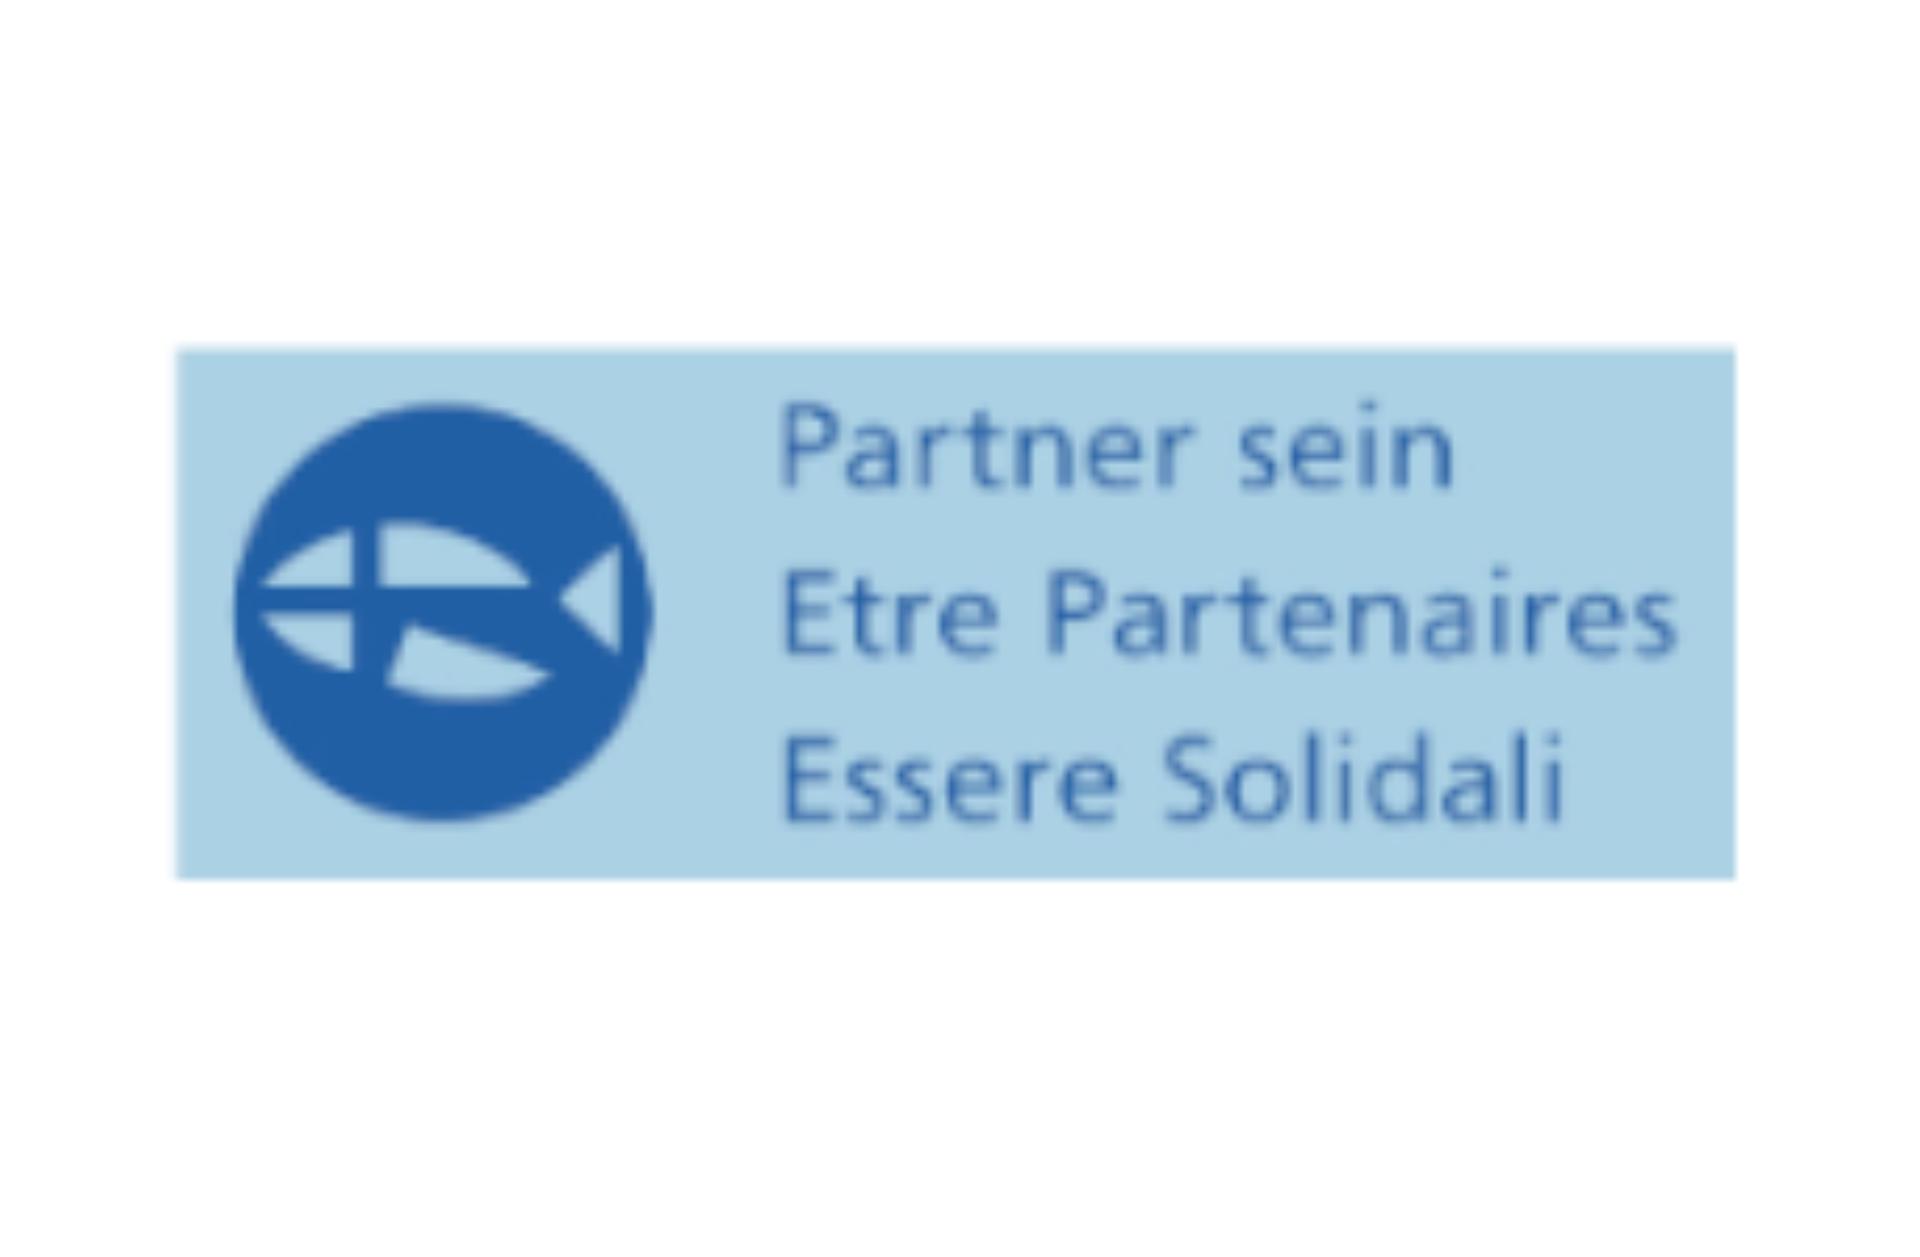 Etre partenaires